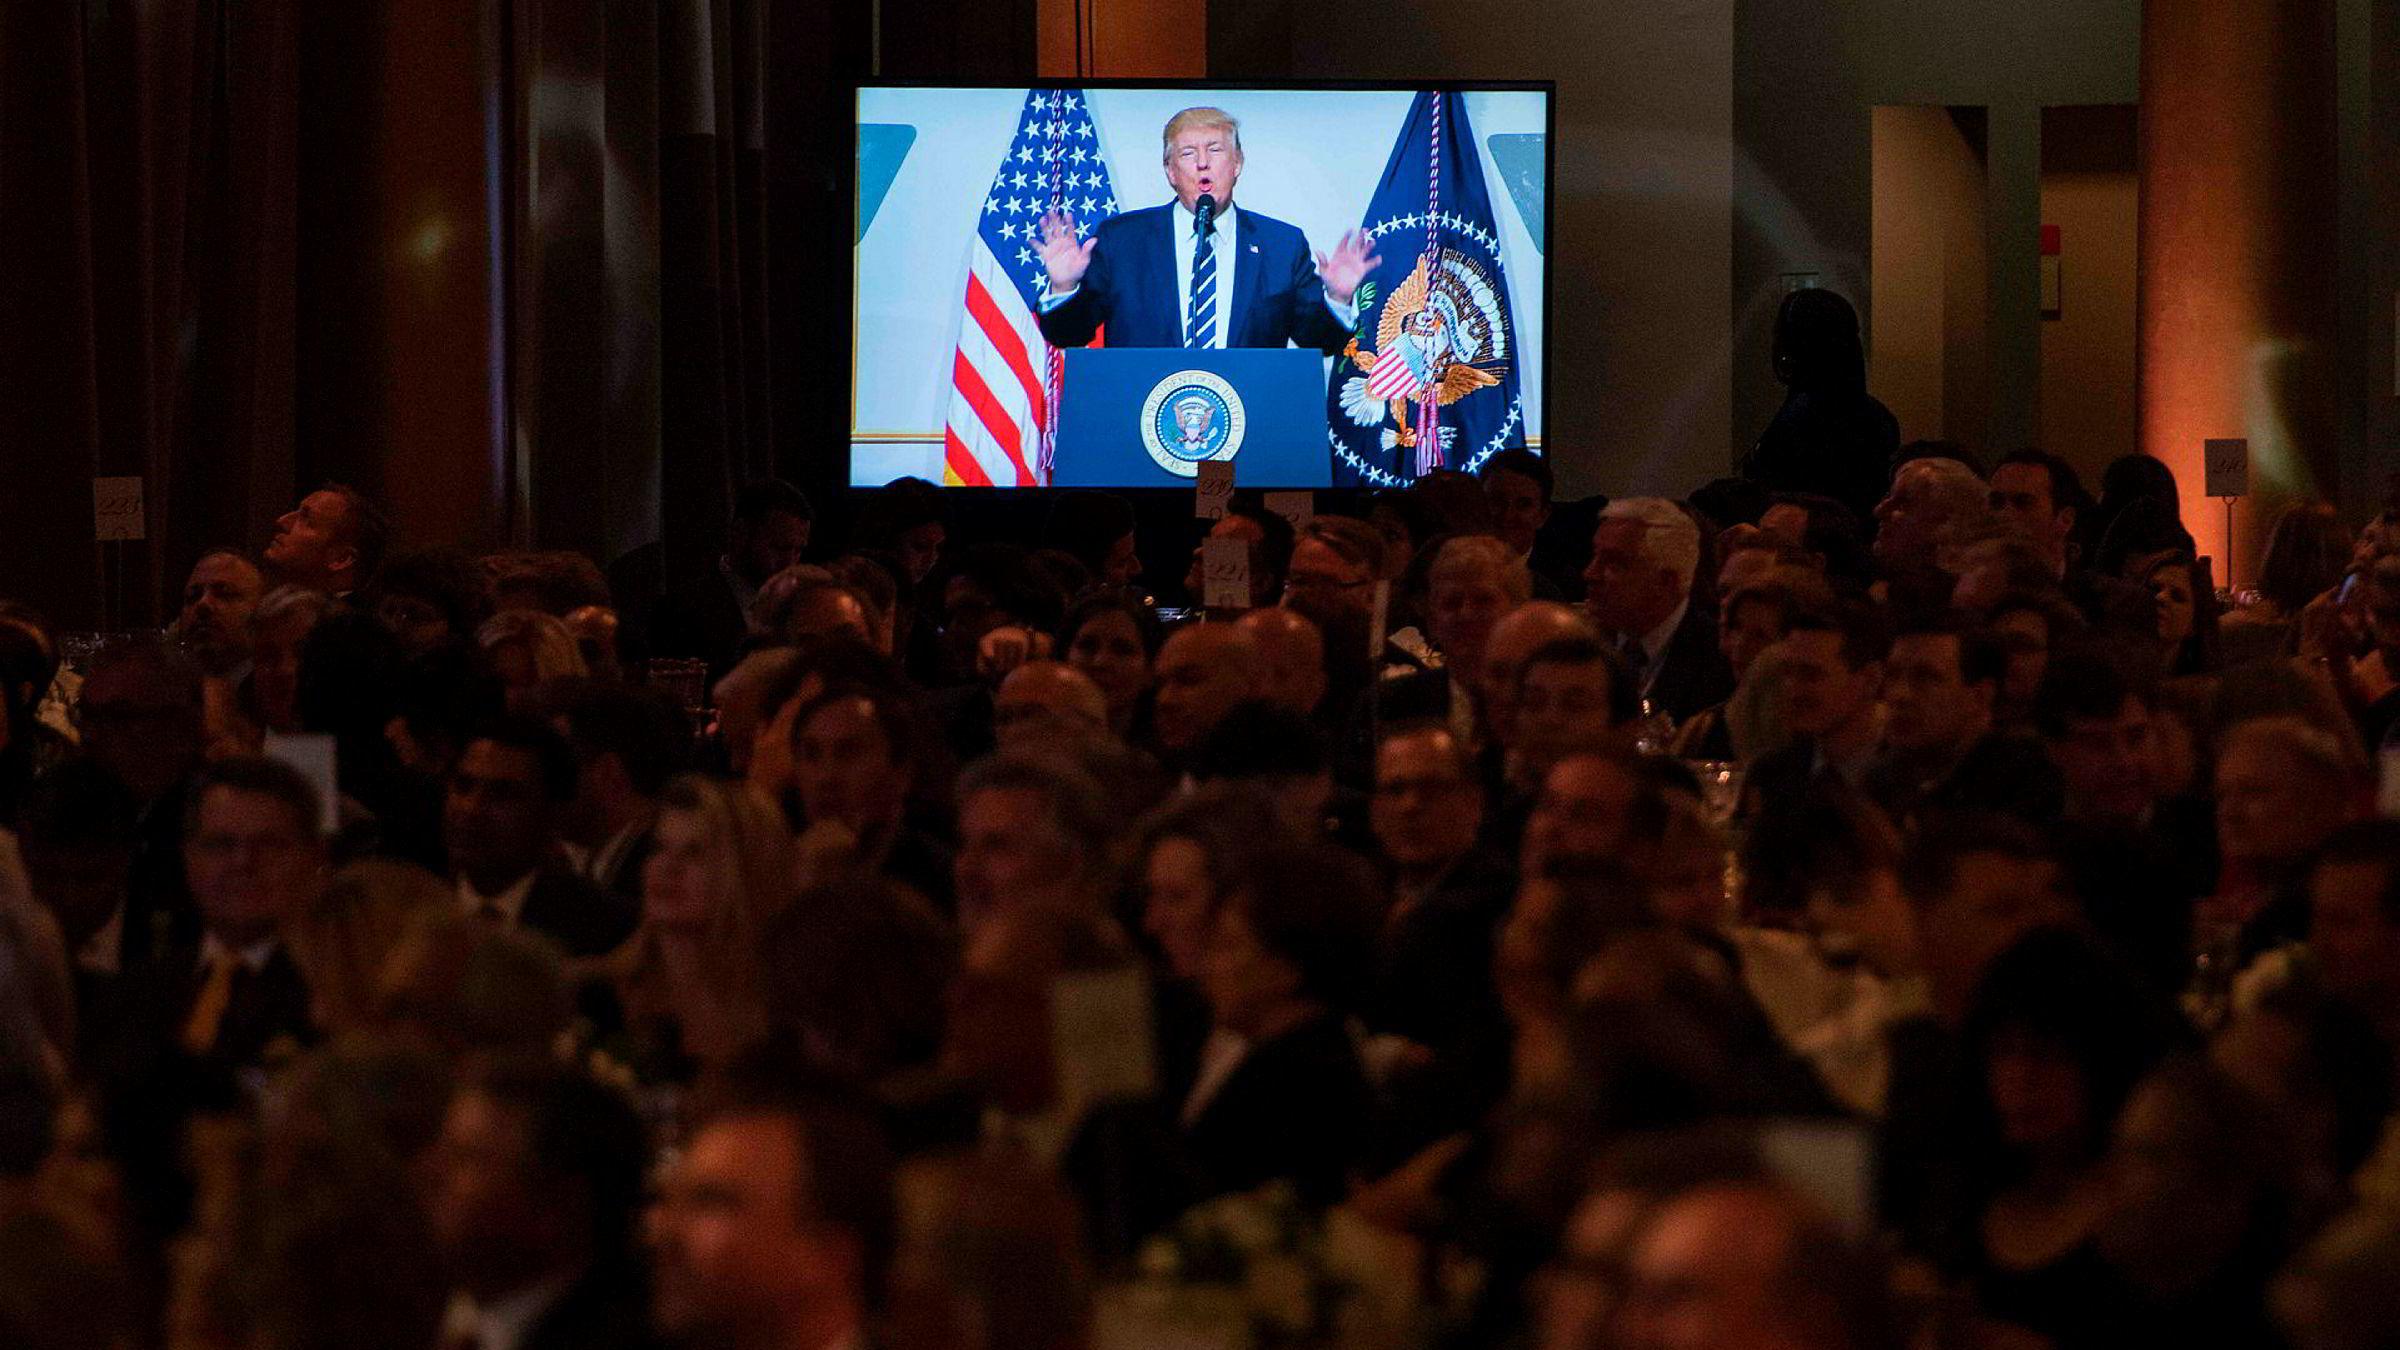 Kilder i FBI skal ha opplyst til CNN at FBI har informasjon som indikerer at Trump-kampanjen kan ha samarbeidet med russiske myndigheter.